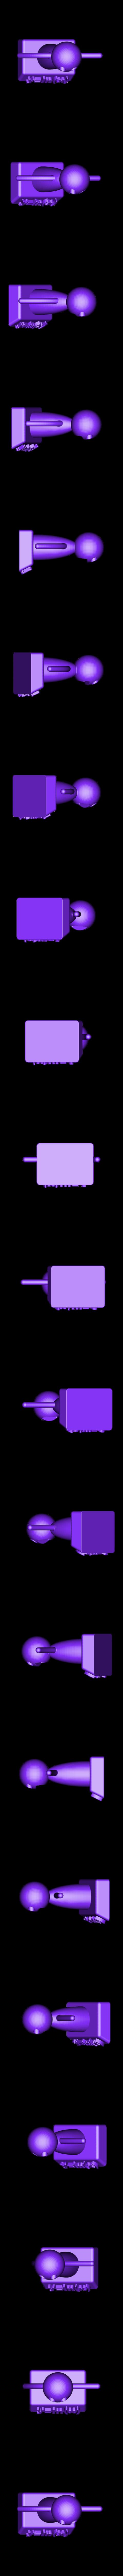 Function_Stickman_ylnx_full.stl Télécharger fichier STL gratuit Dancing Function Stickmen • Plan pour impression 3D, Chrisibub